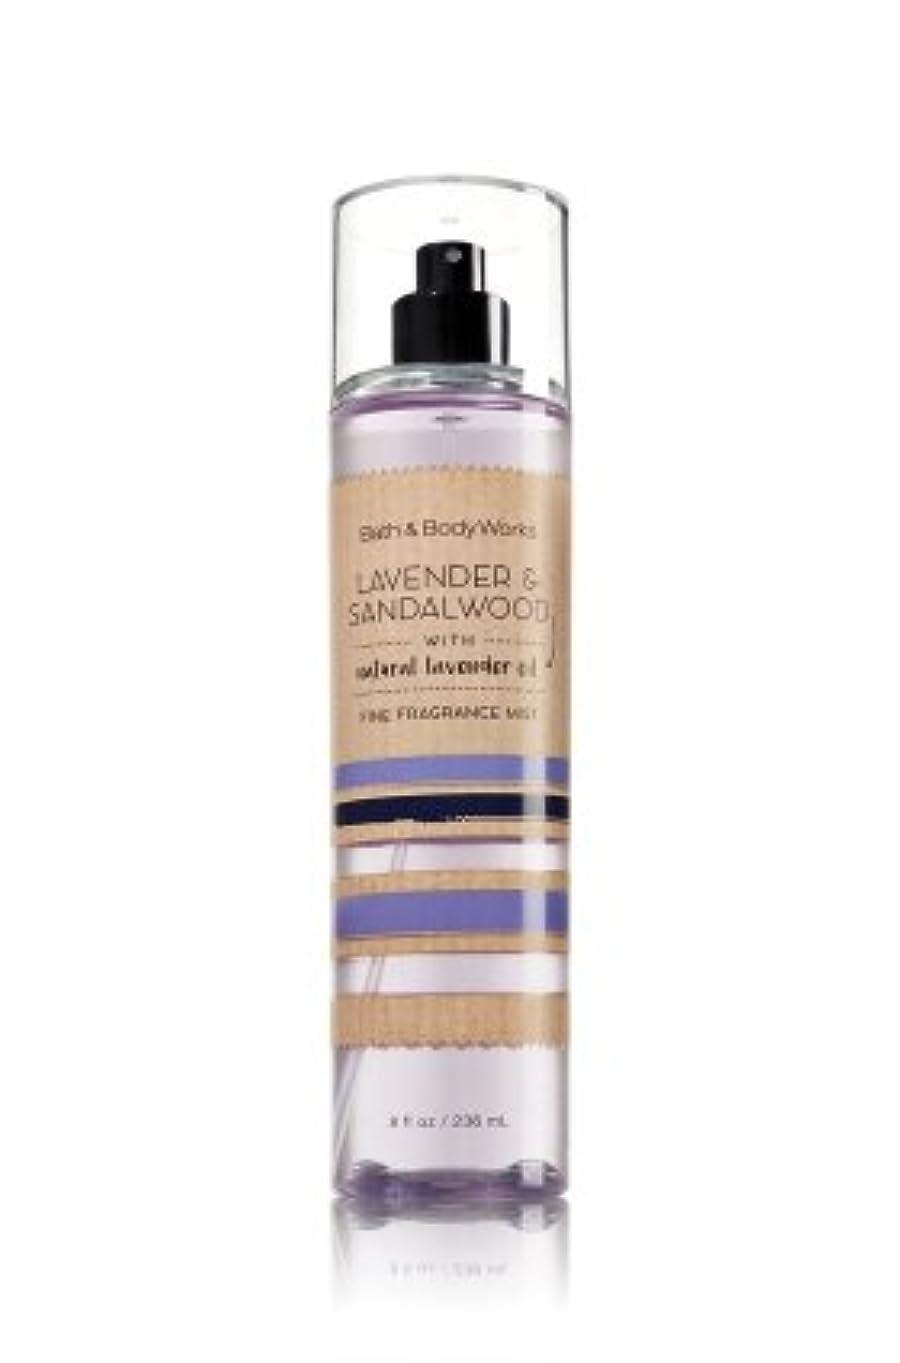 想起咲く再生可能【Bath&Body Works/バス&ボディワークス】 ファインフレグランスミスト ラベンダー&サンダルウッド Fine Fragrance Mist Lavender & Sandalwood 8oz (236ml)...